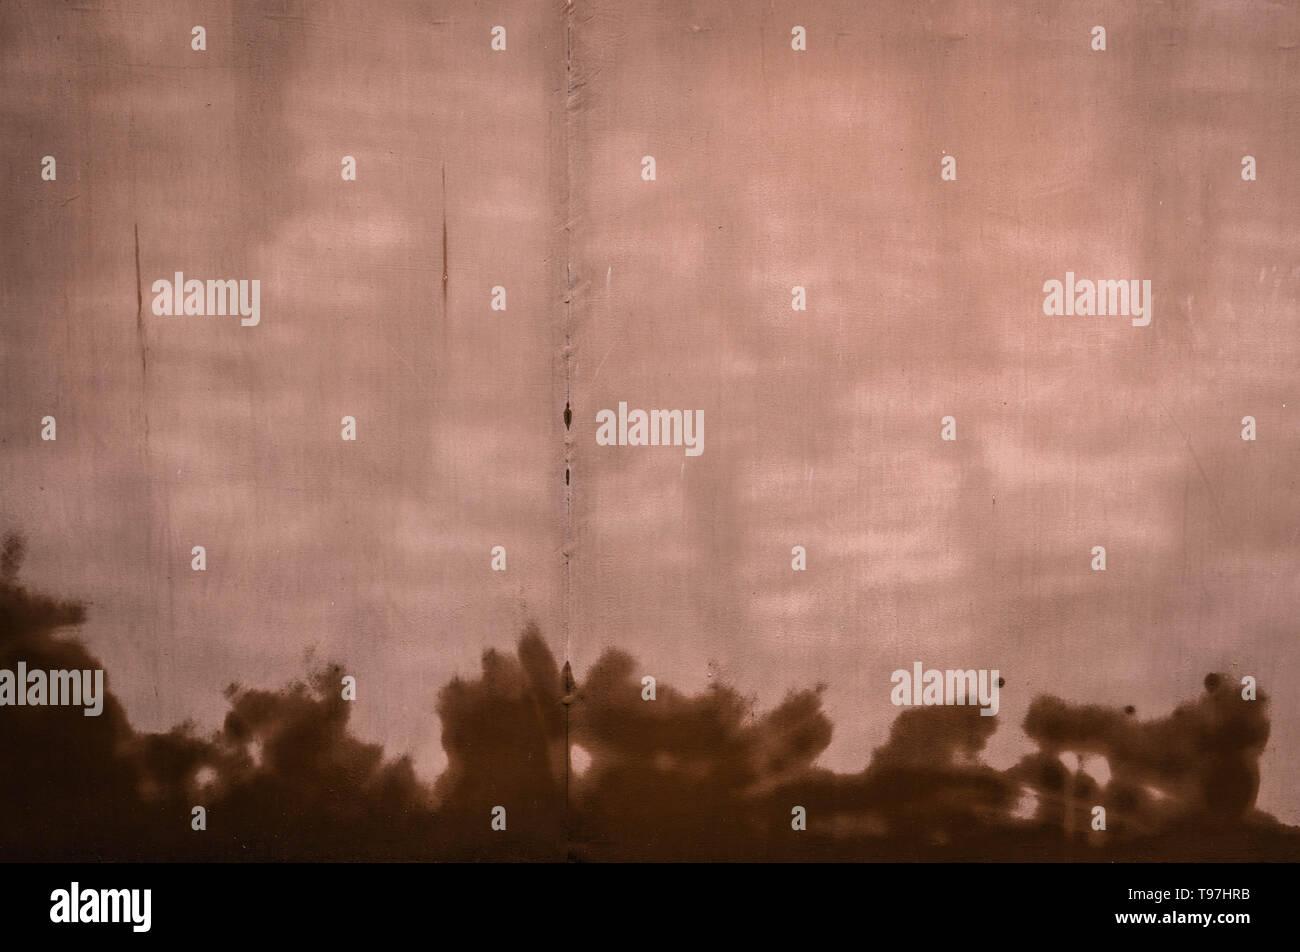 Sehr Nasse Flecken Stockfotos & Nasse Flecken Bilder - Alamy JD37